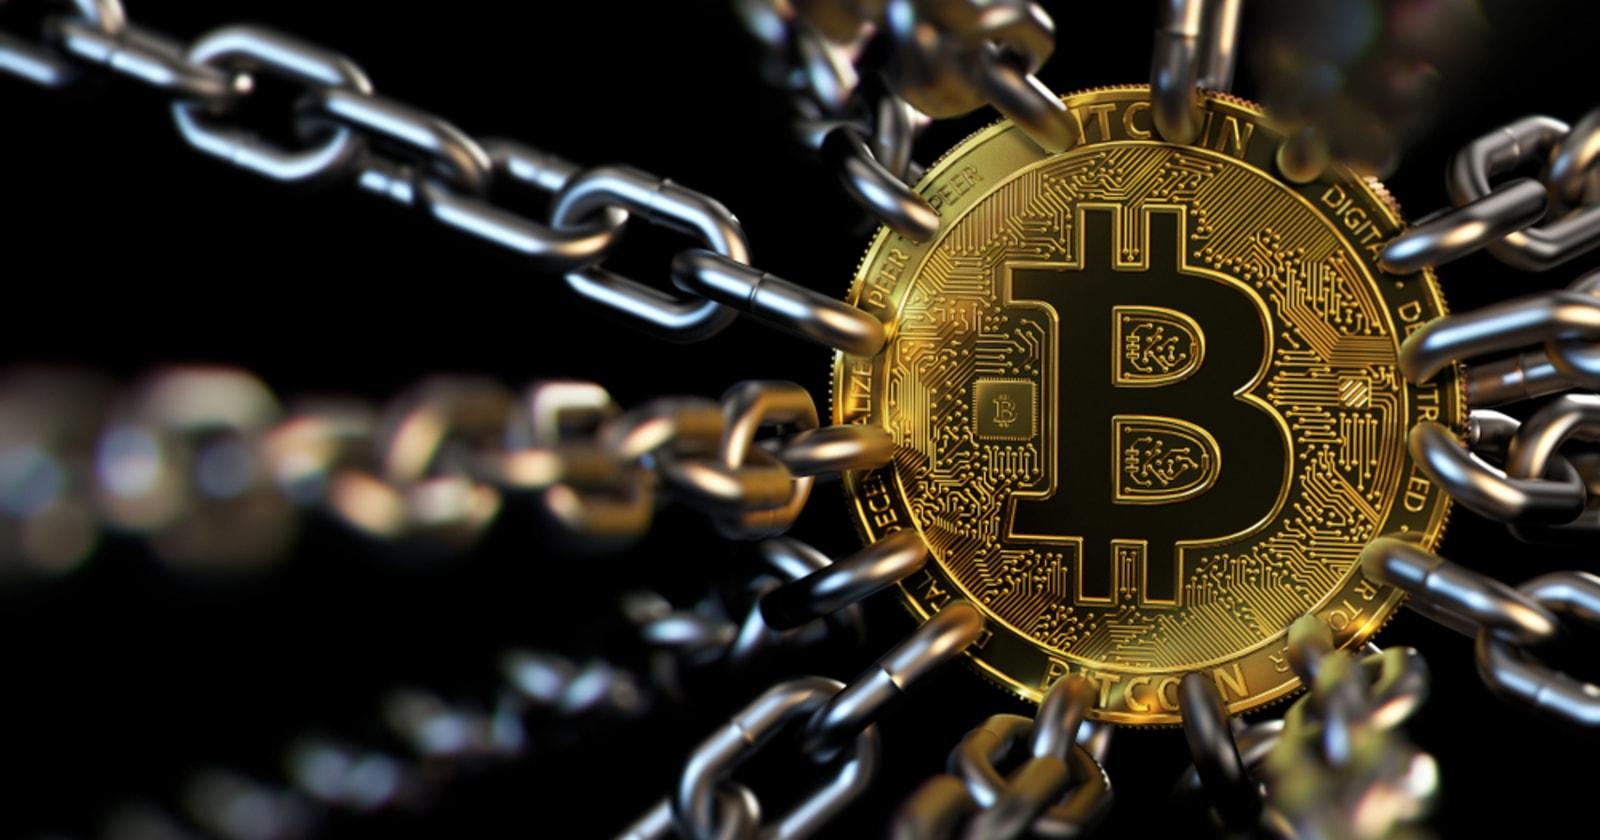 1 billion dollars in Bitcoin Seizure